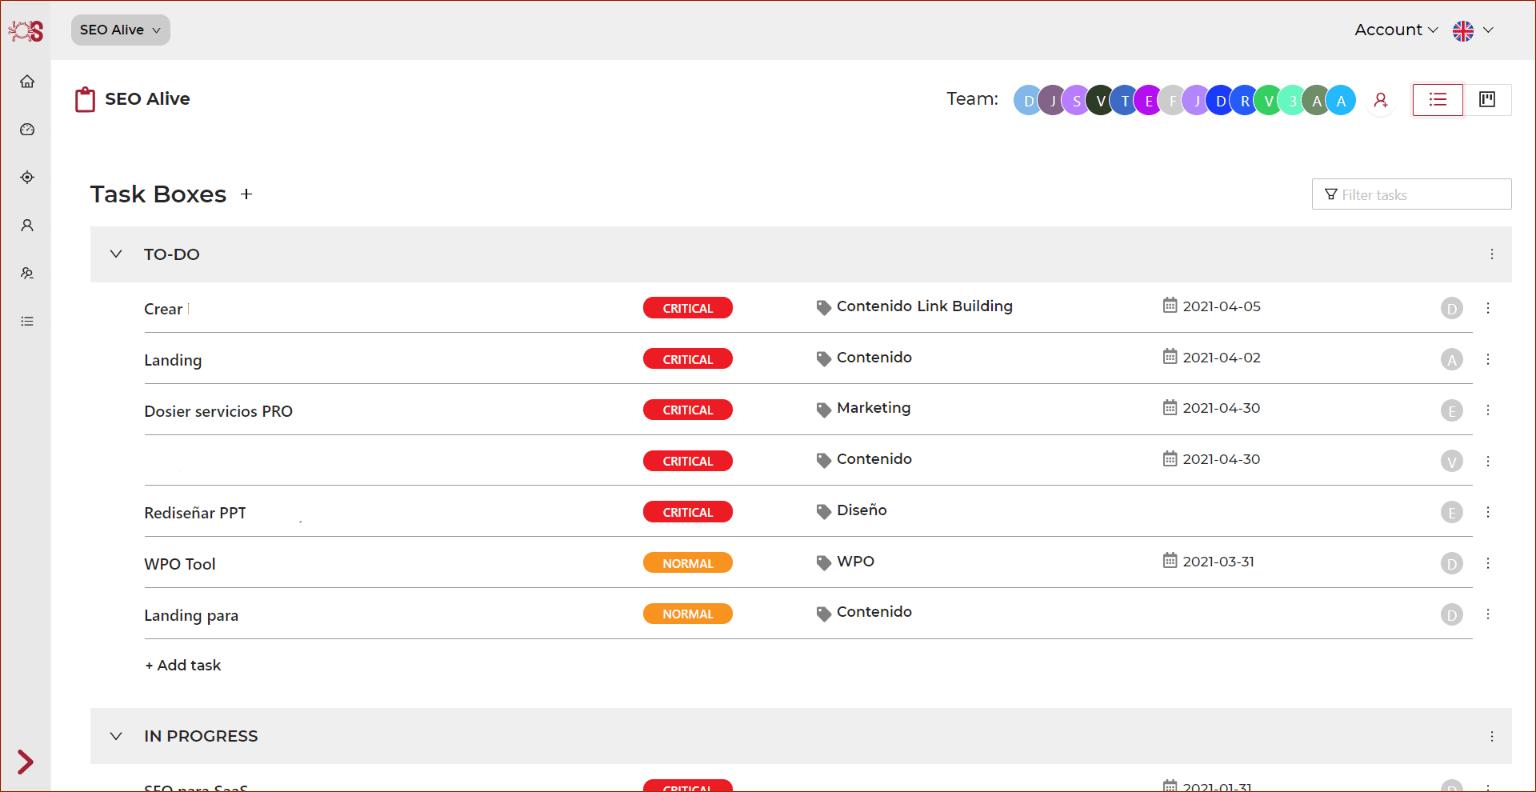 Organizador de Tareas SEO en formato lista